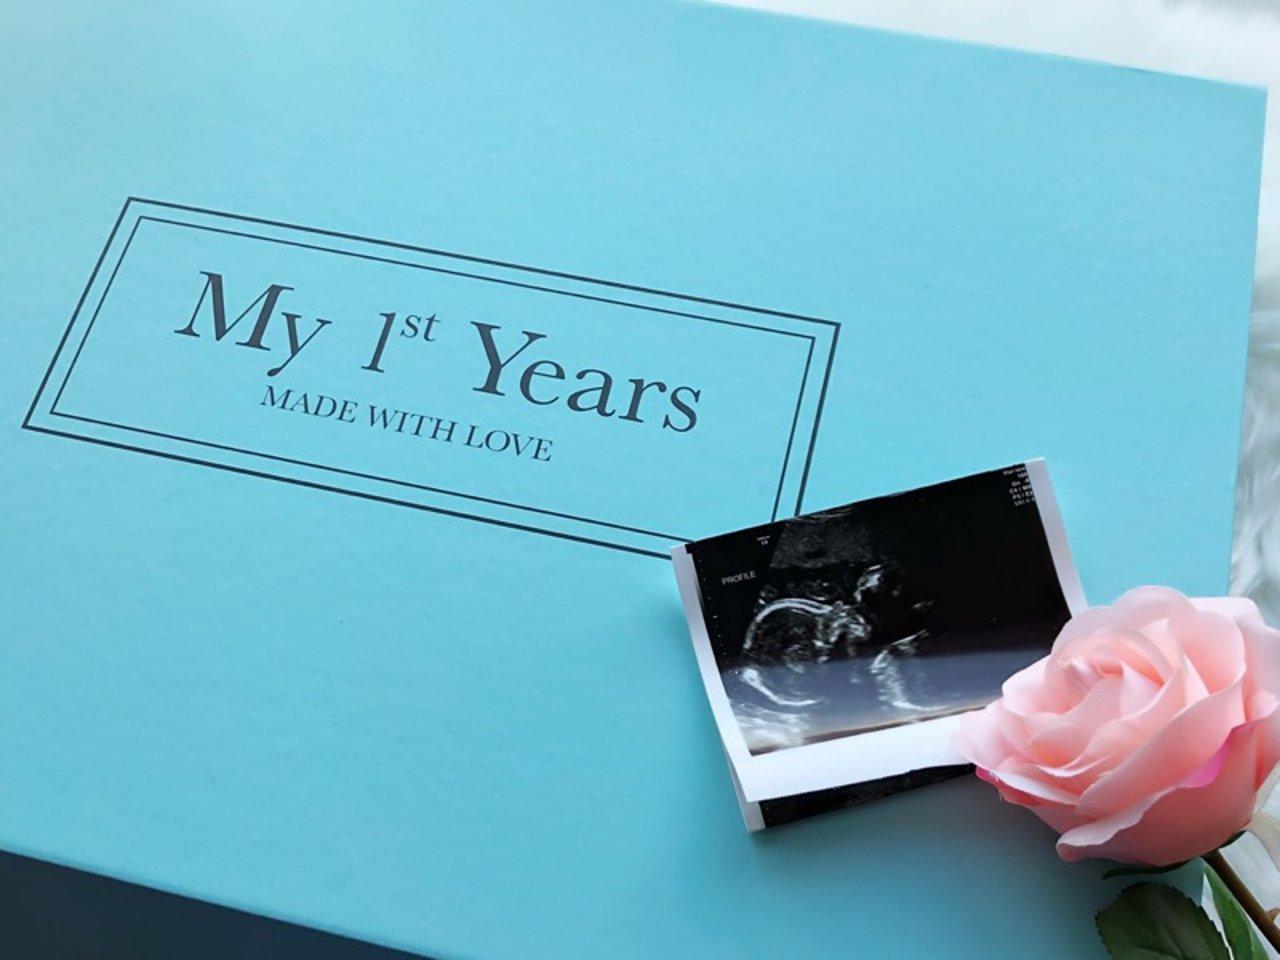 新手妈妈日记 No.1 我的孕期总结外(内涵免费领取婴儿产品的信息)